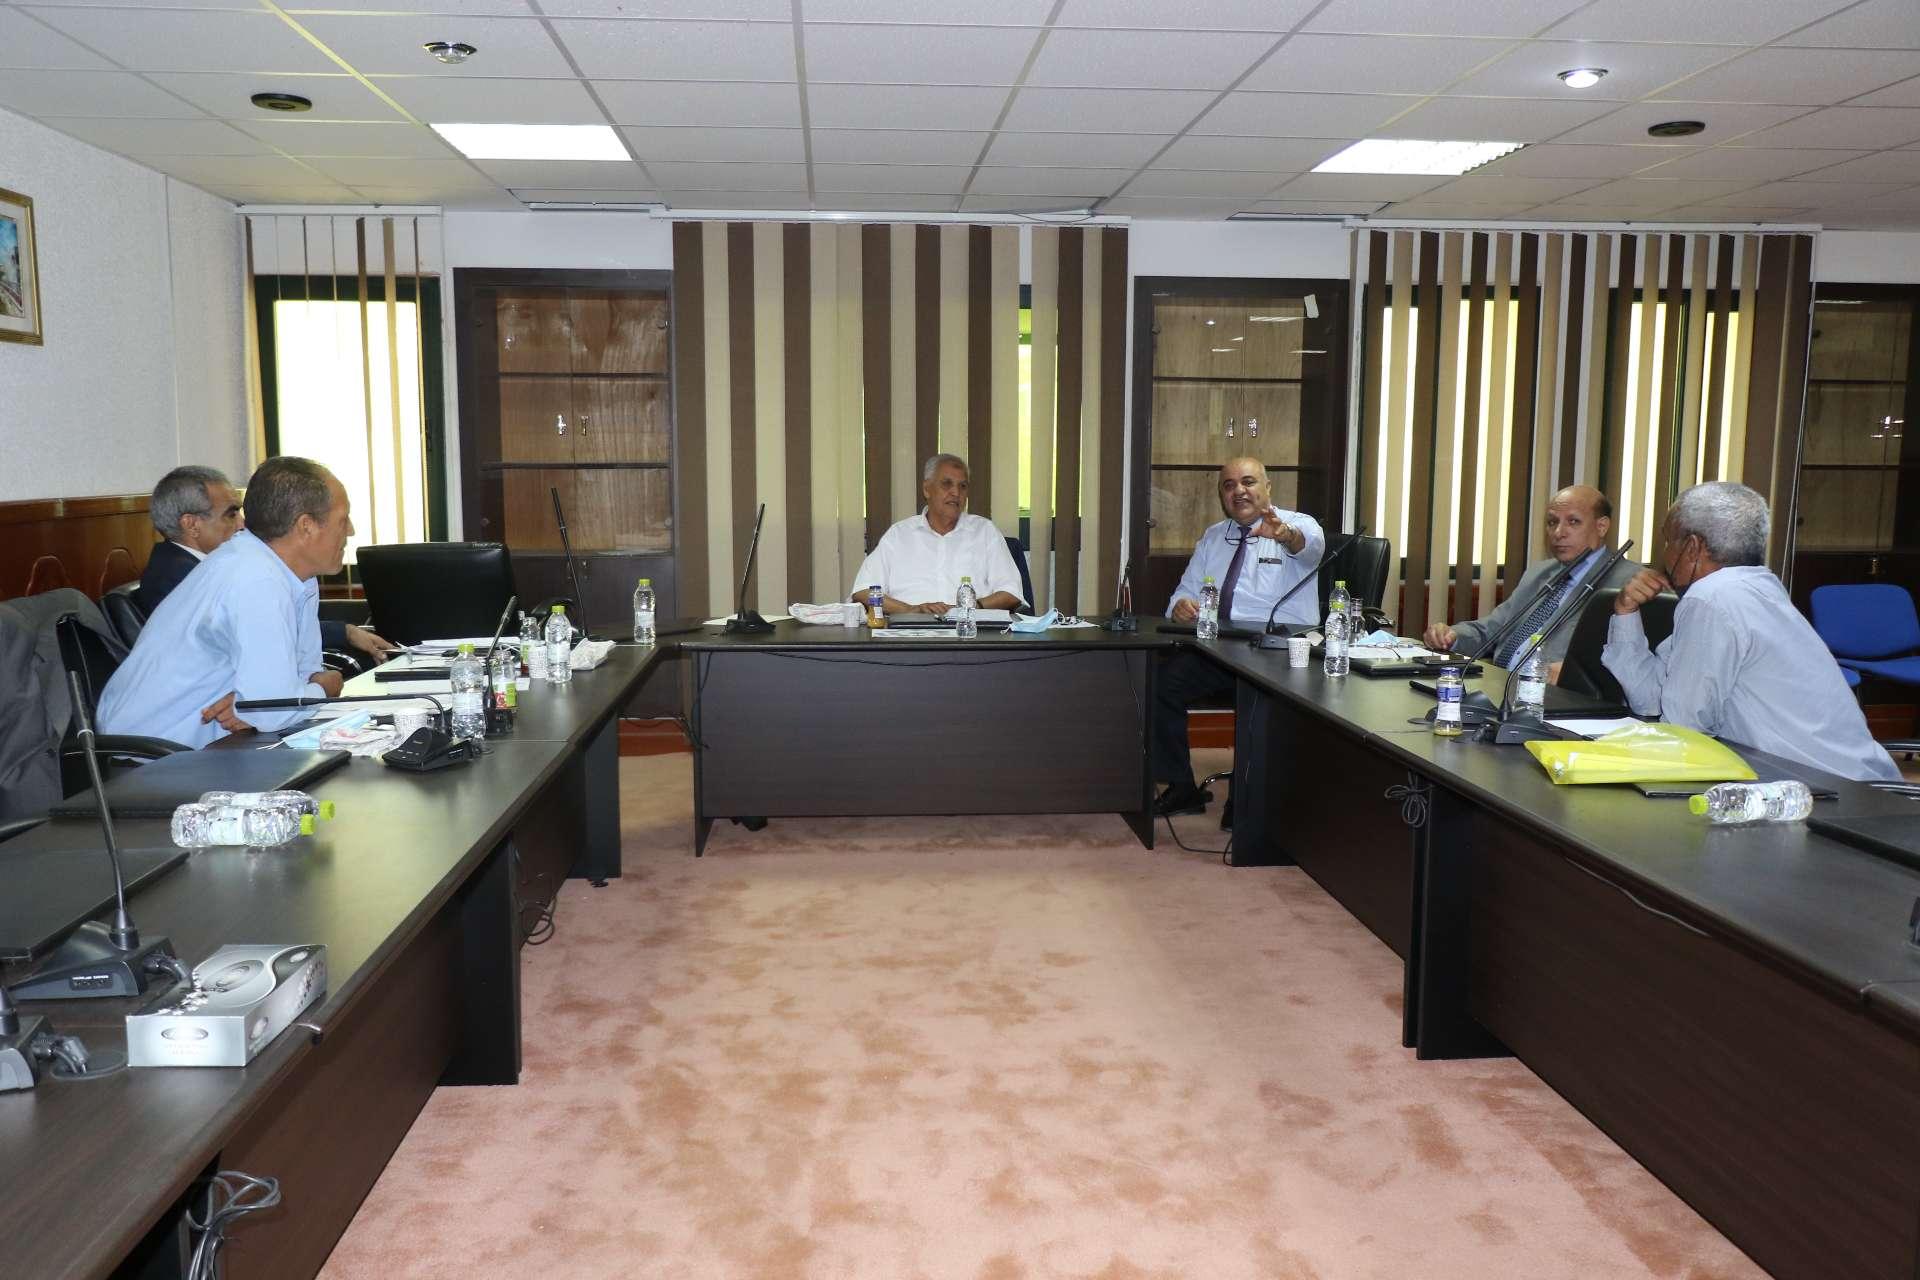 اللجنة العلمية الاستشارية بوزارة التعليم العالي والبحث العلمي تعقد اجتماعها الأول بالأكاديمية الليبية للدراسات العليا.